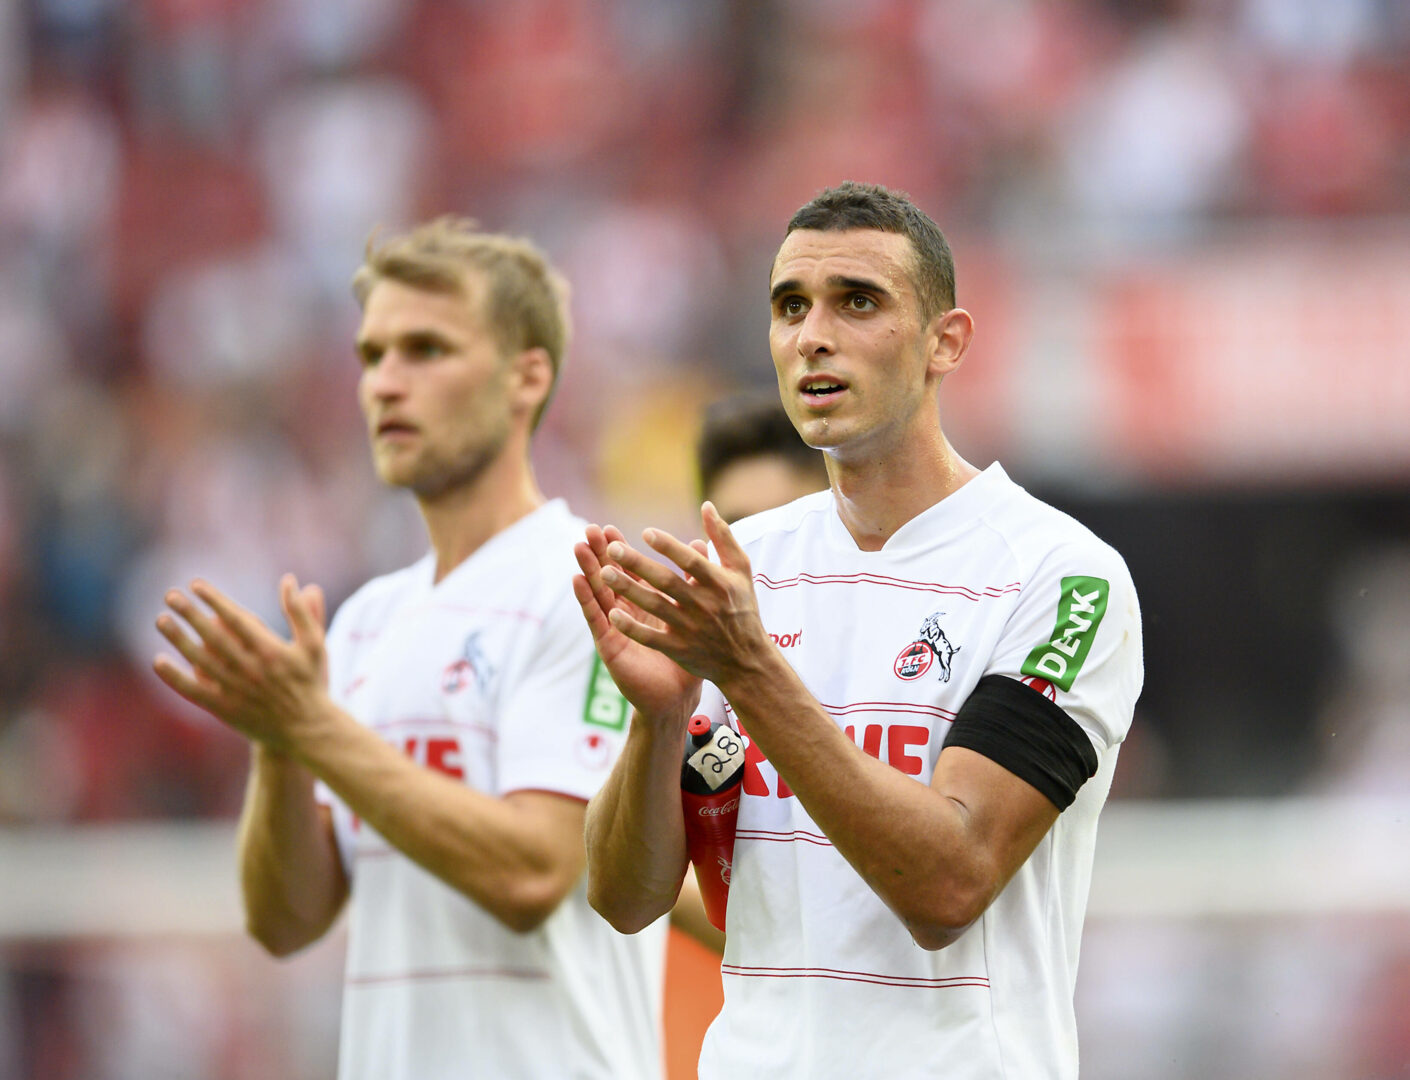 Ellyes Skhiri bedankte sich klatschend beim Kölner Publikum nach dem 3:1-Erfolg über Hertha BSC.